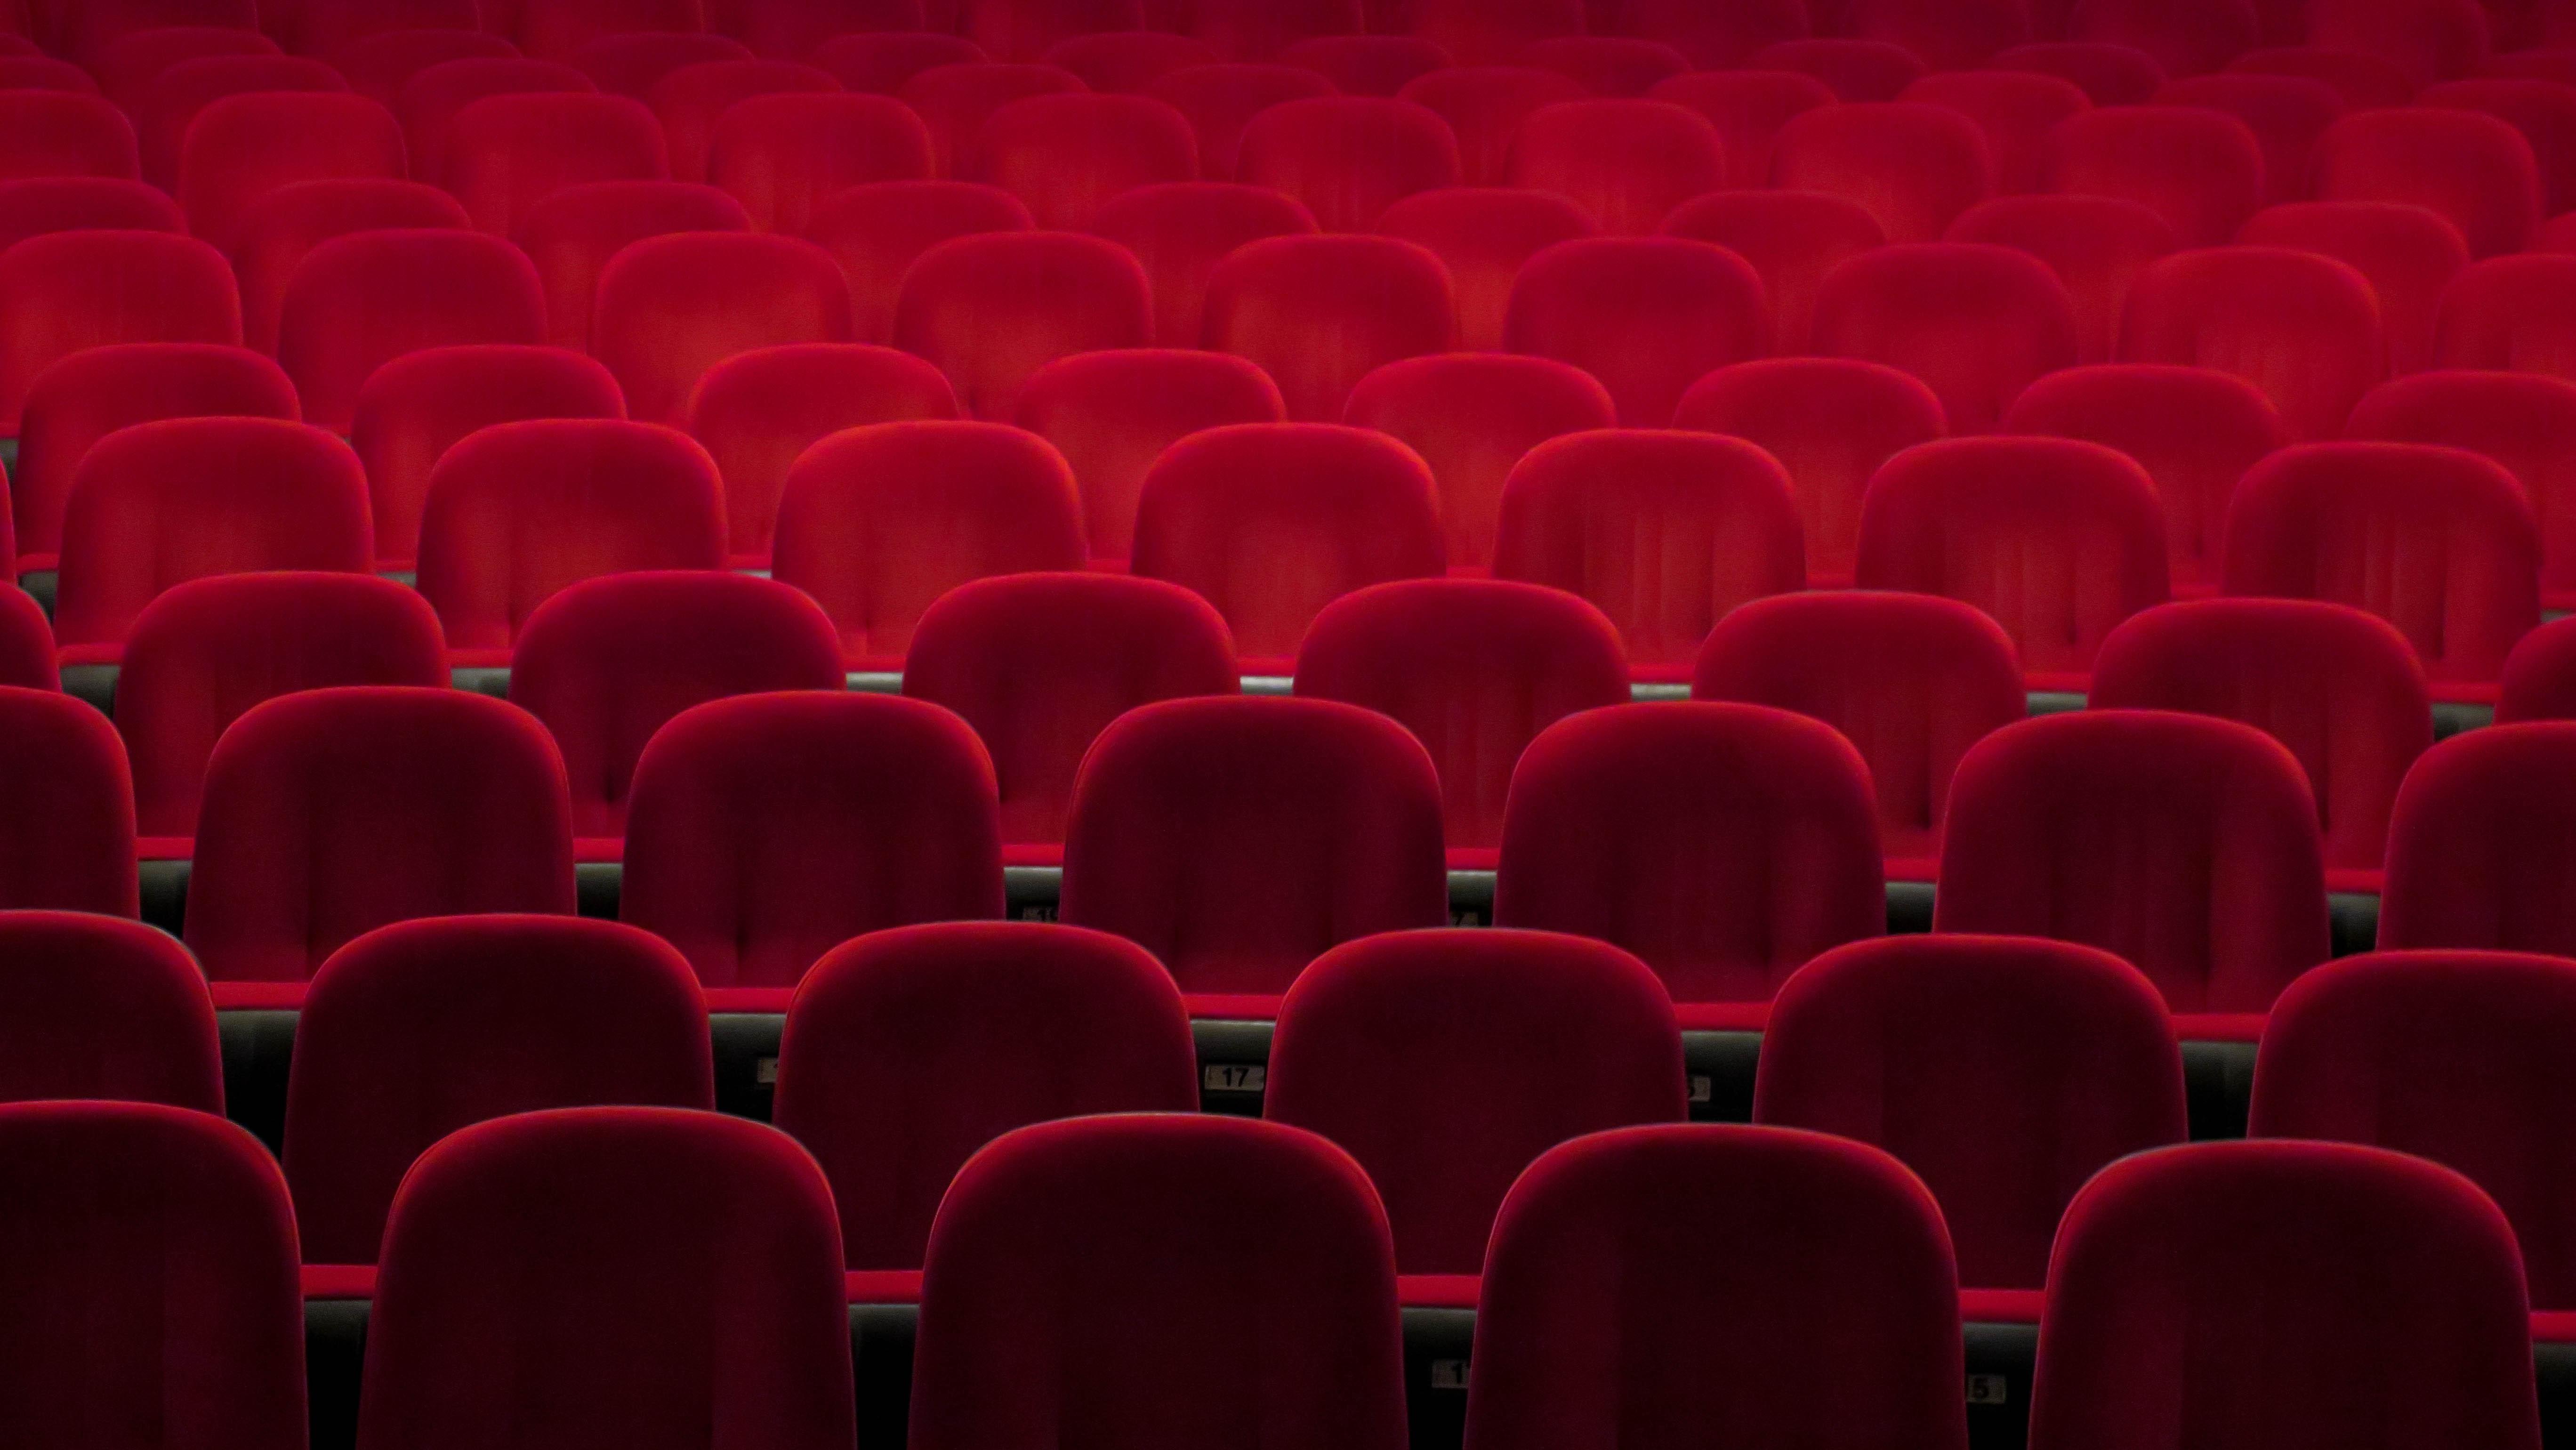 Quels sont les impacts de la crise actuelle sur l'industrie du cinéma ?